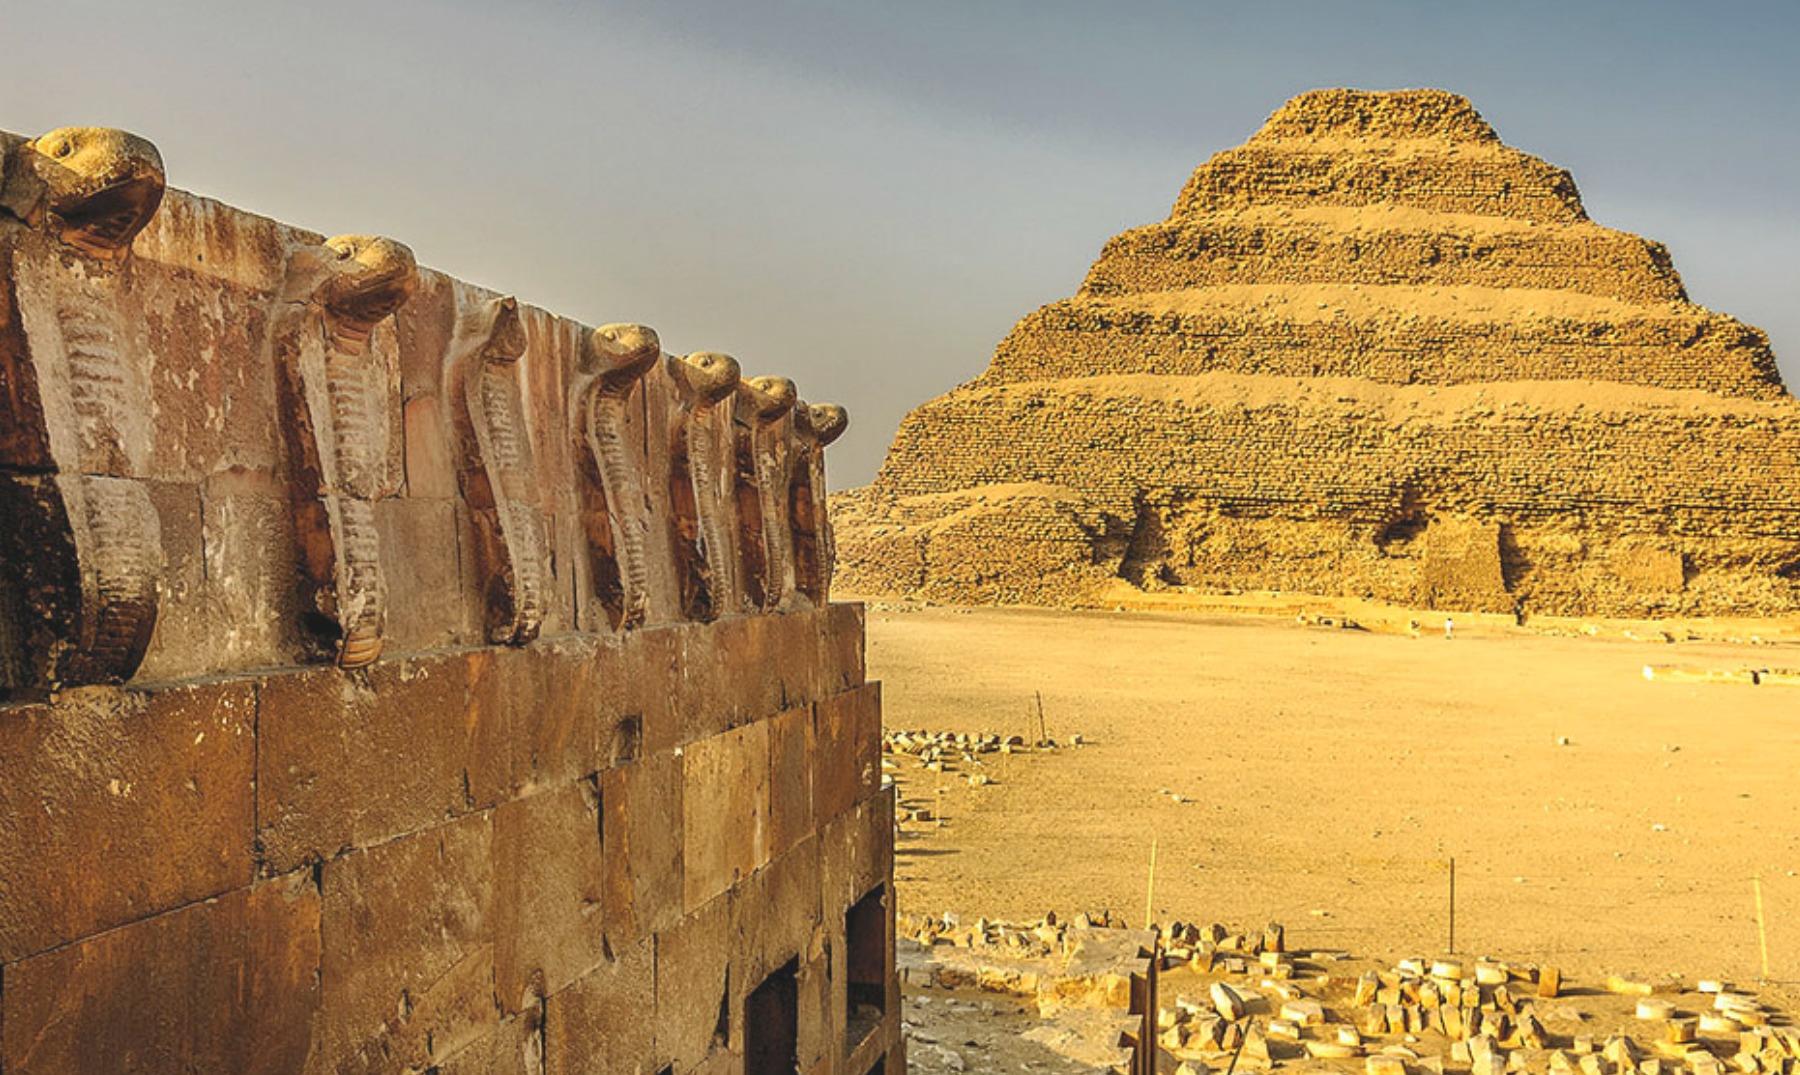 Saqqara aquí nacieron las pirámides - El Viajero Feliz